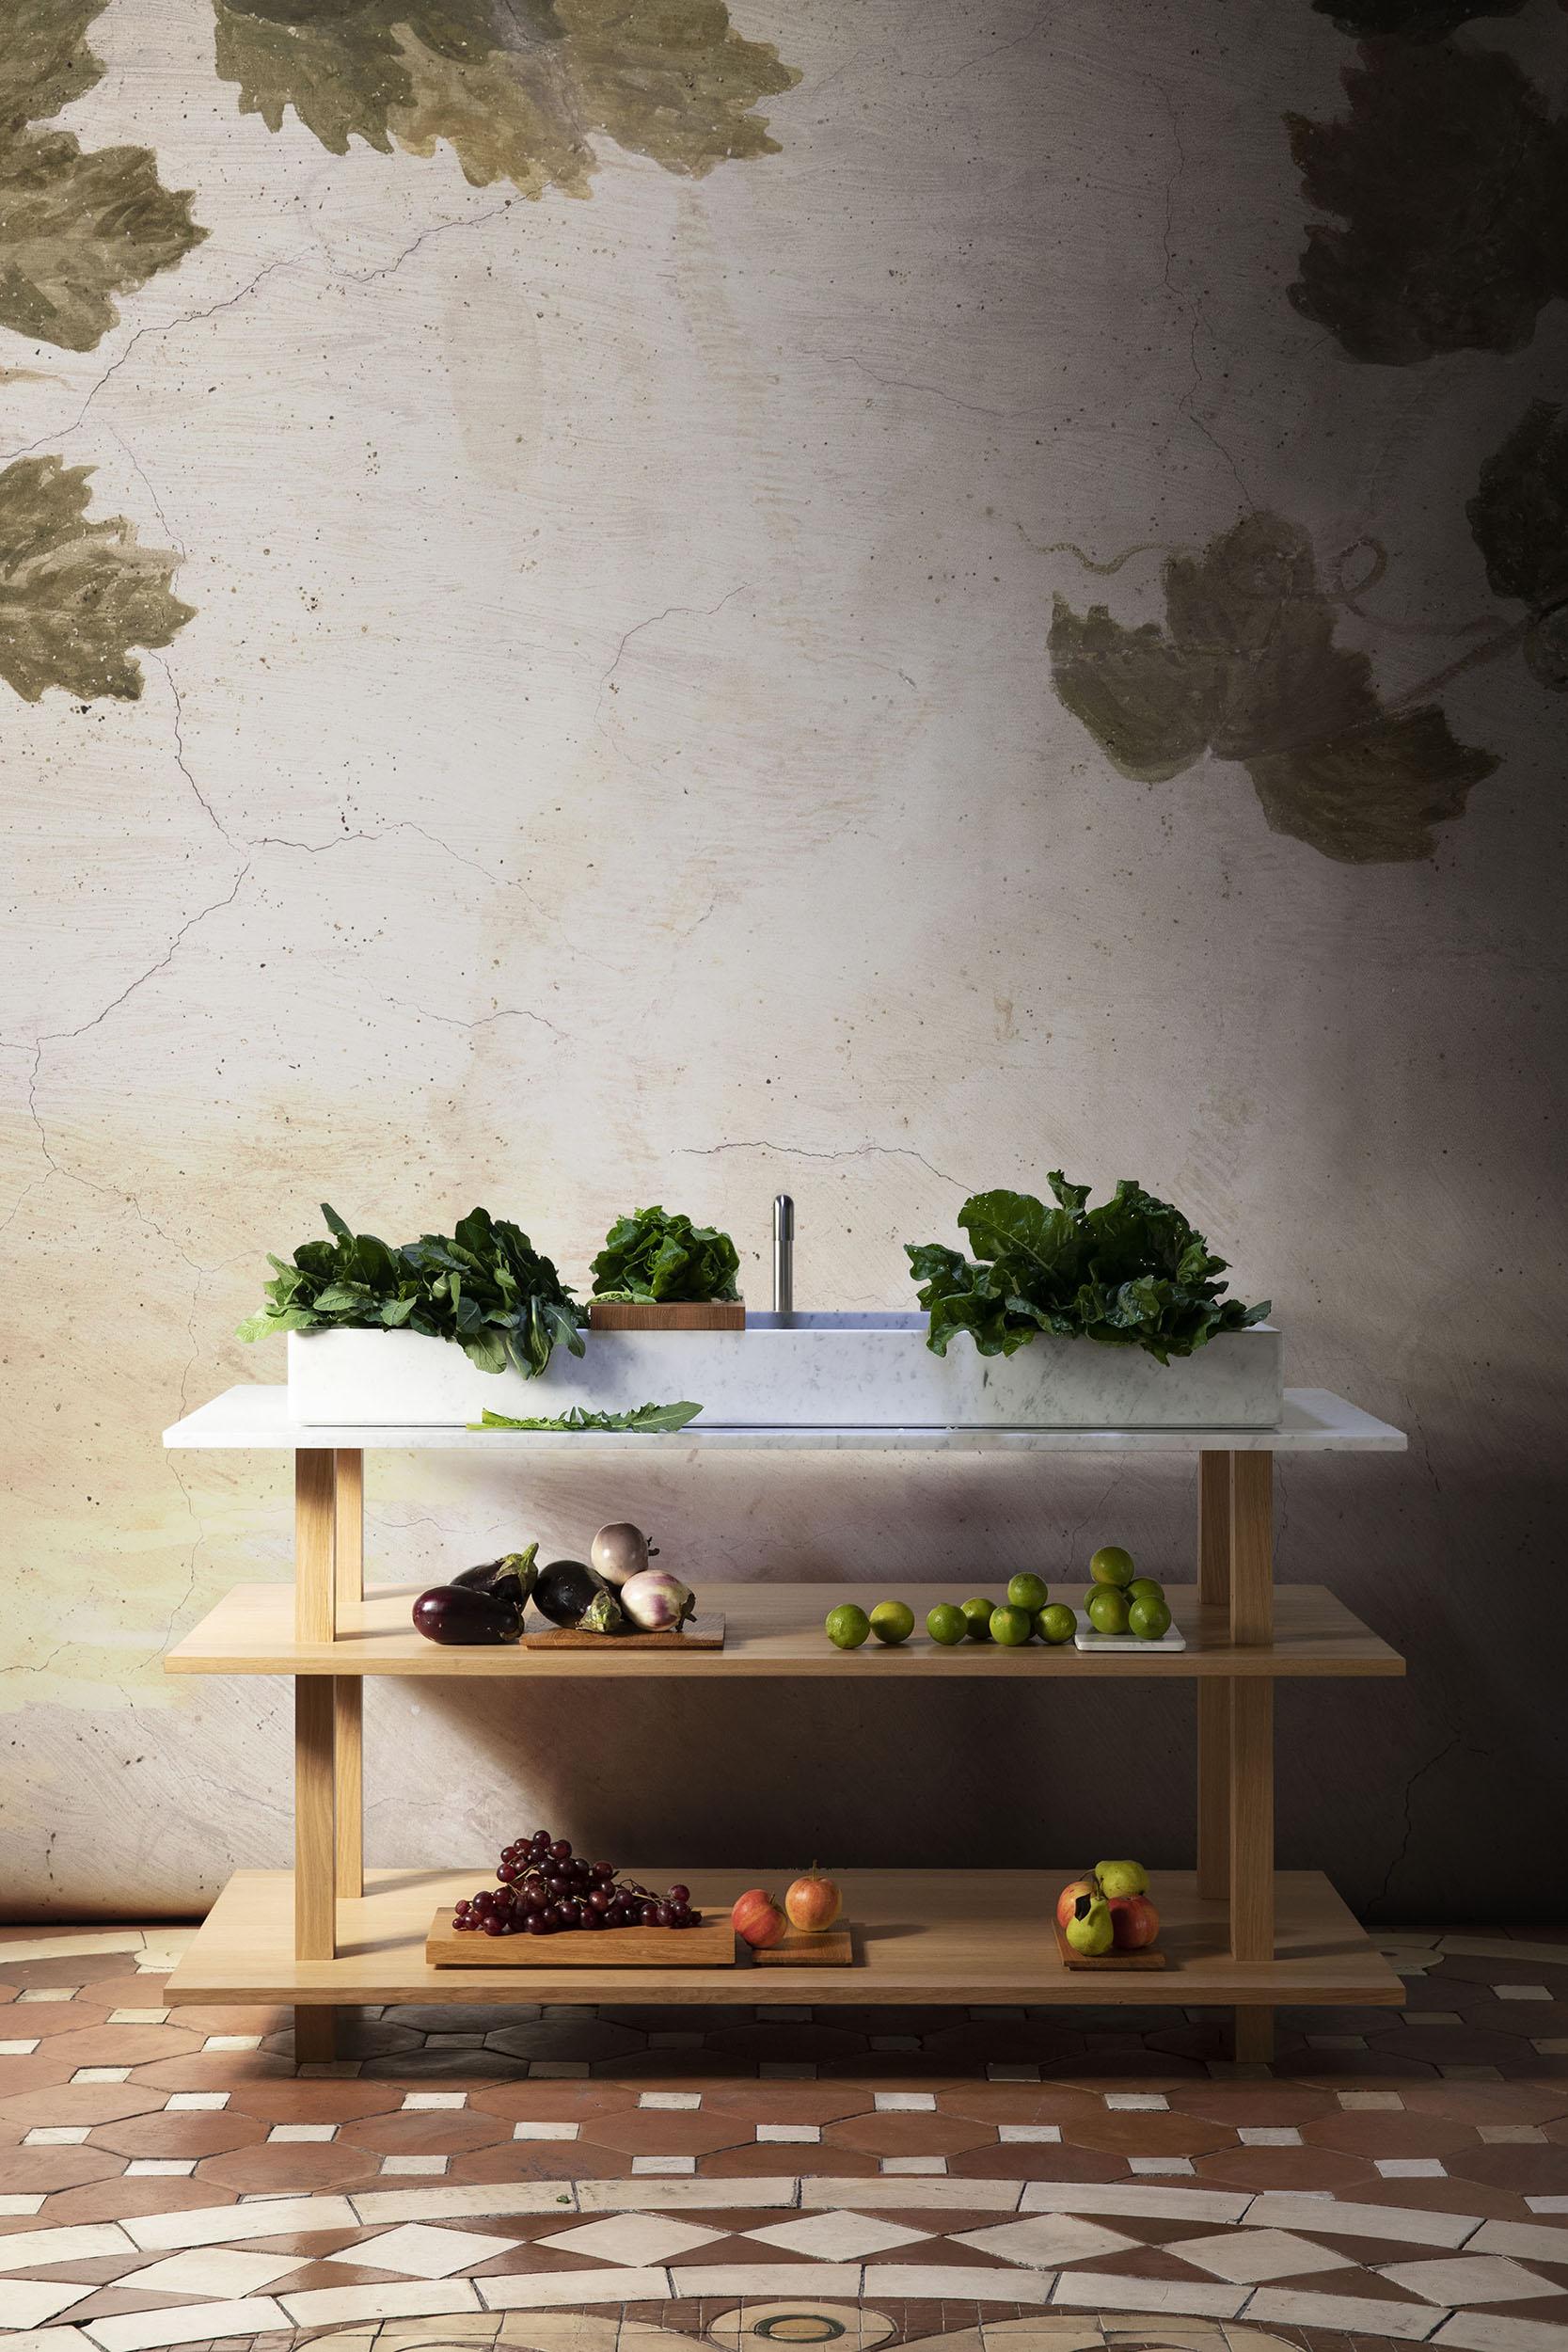 Meuble ouvert en chêne massif huilé pour la cuisine avec grand évier plat en marbre blanc de carrare et planches de découpe Plaque en chêne et en marbre